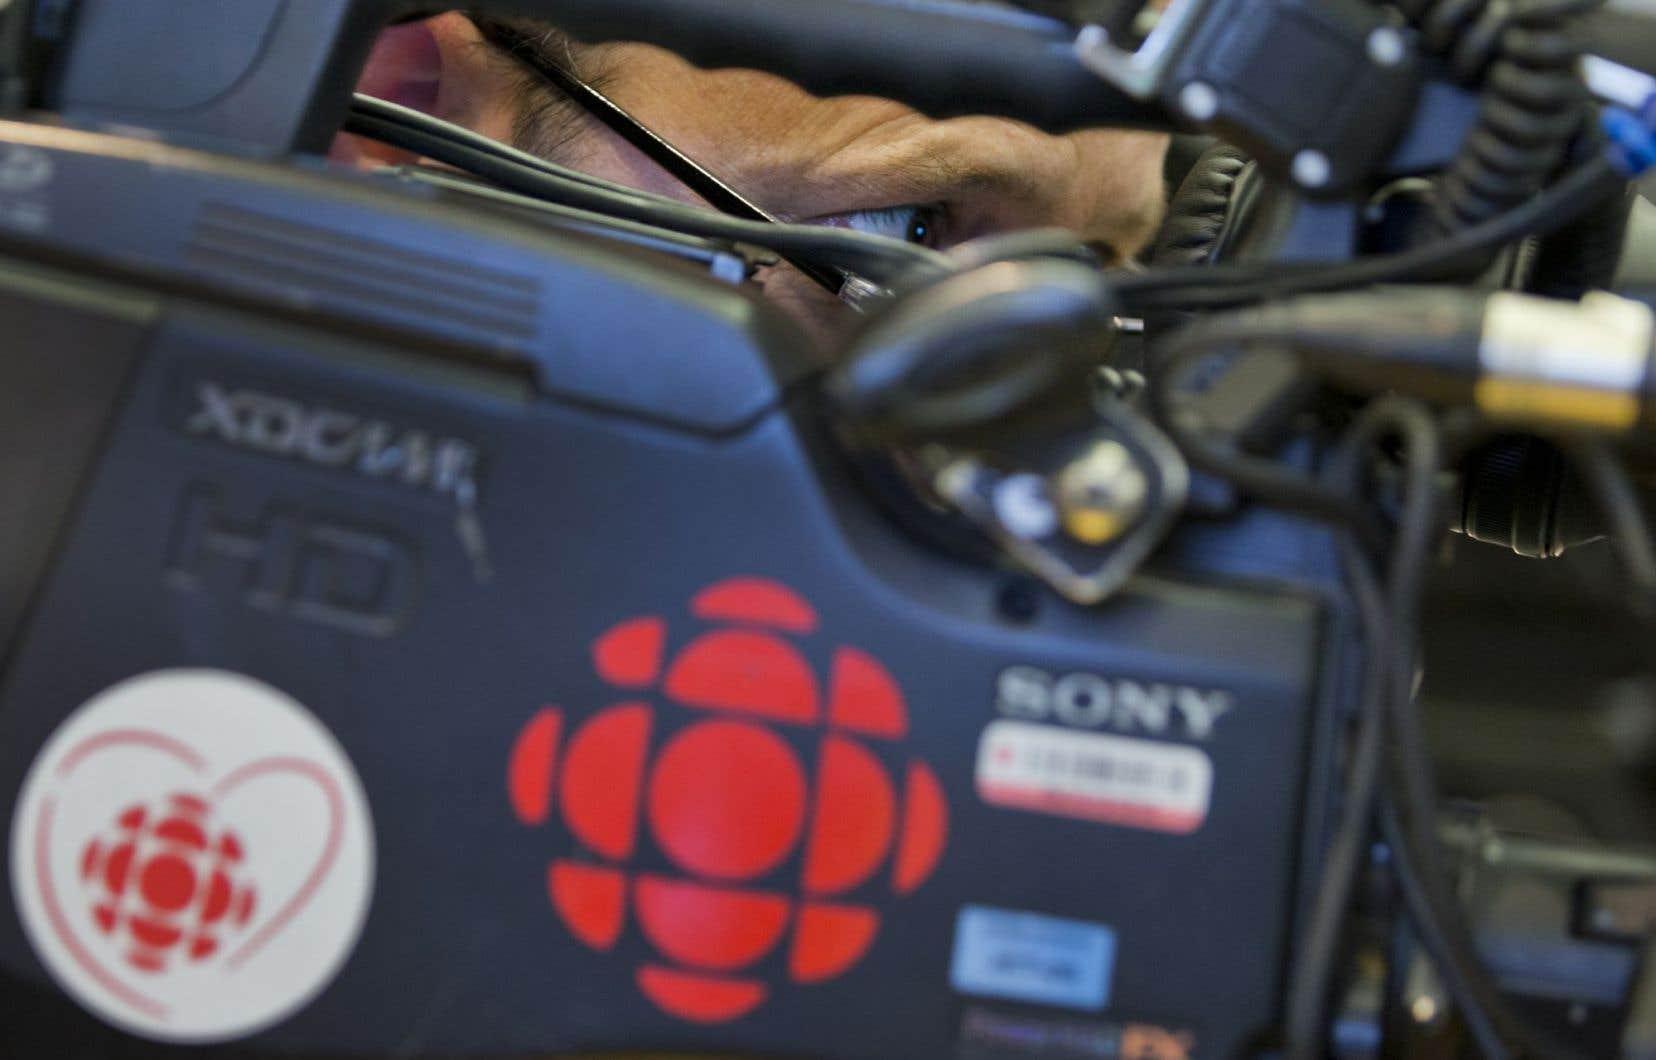 Le reportage litigieux a été diffusé le 31 mars 2014. Le Québec était alors en pleine campagne électorale, à une semaine du scrutin.<br />